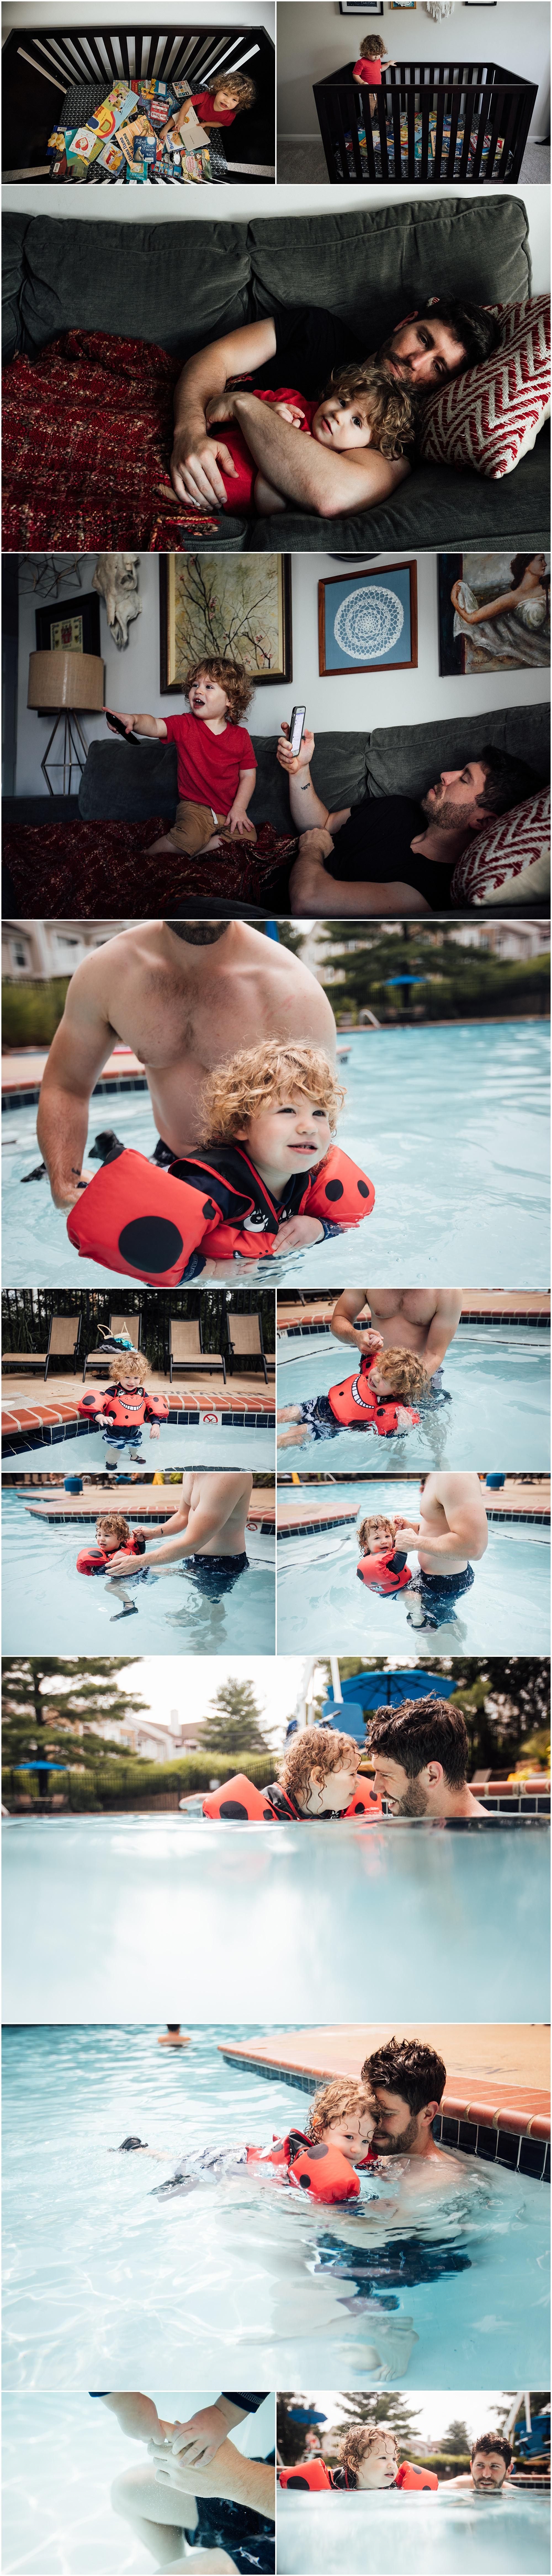 Madison Alabama lifestyle family photographer Rachel K Photo